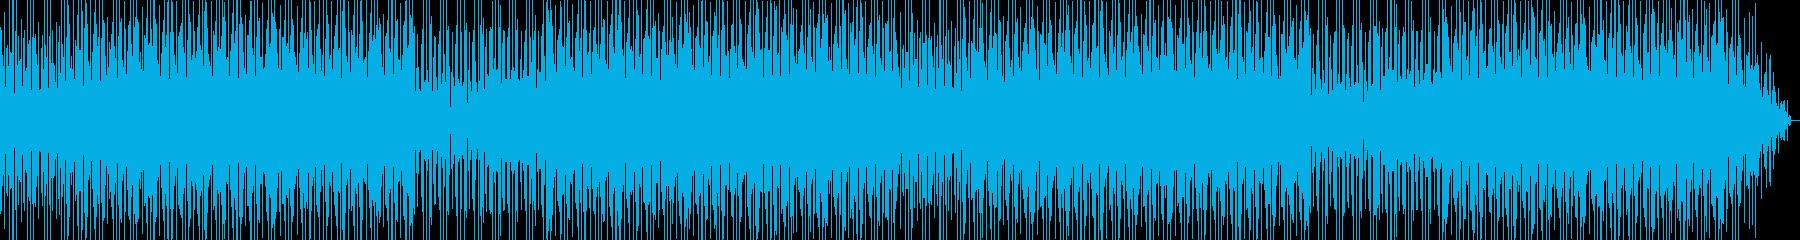 クイズで使える 考え中BGMの再生済みの波形